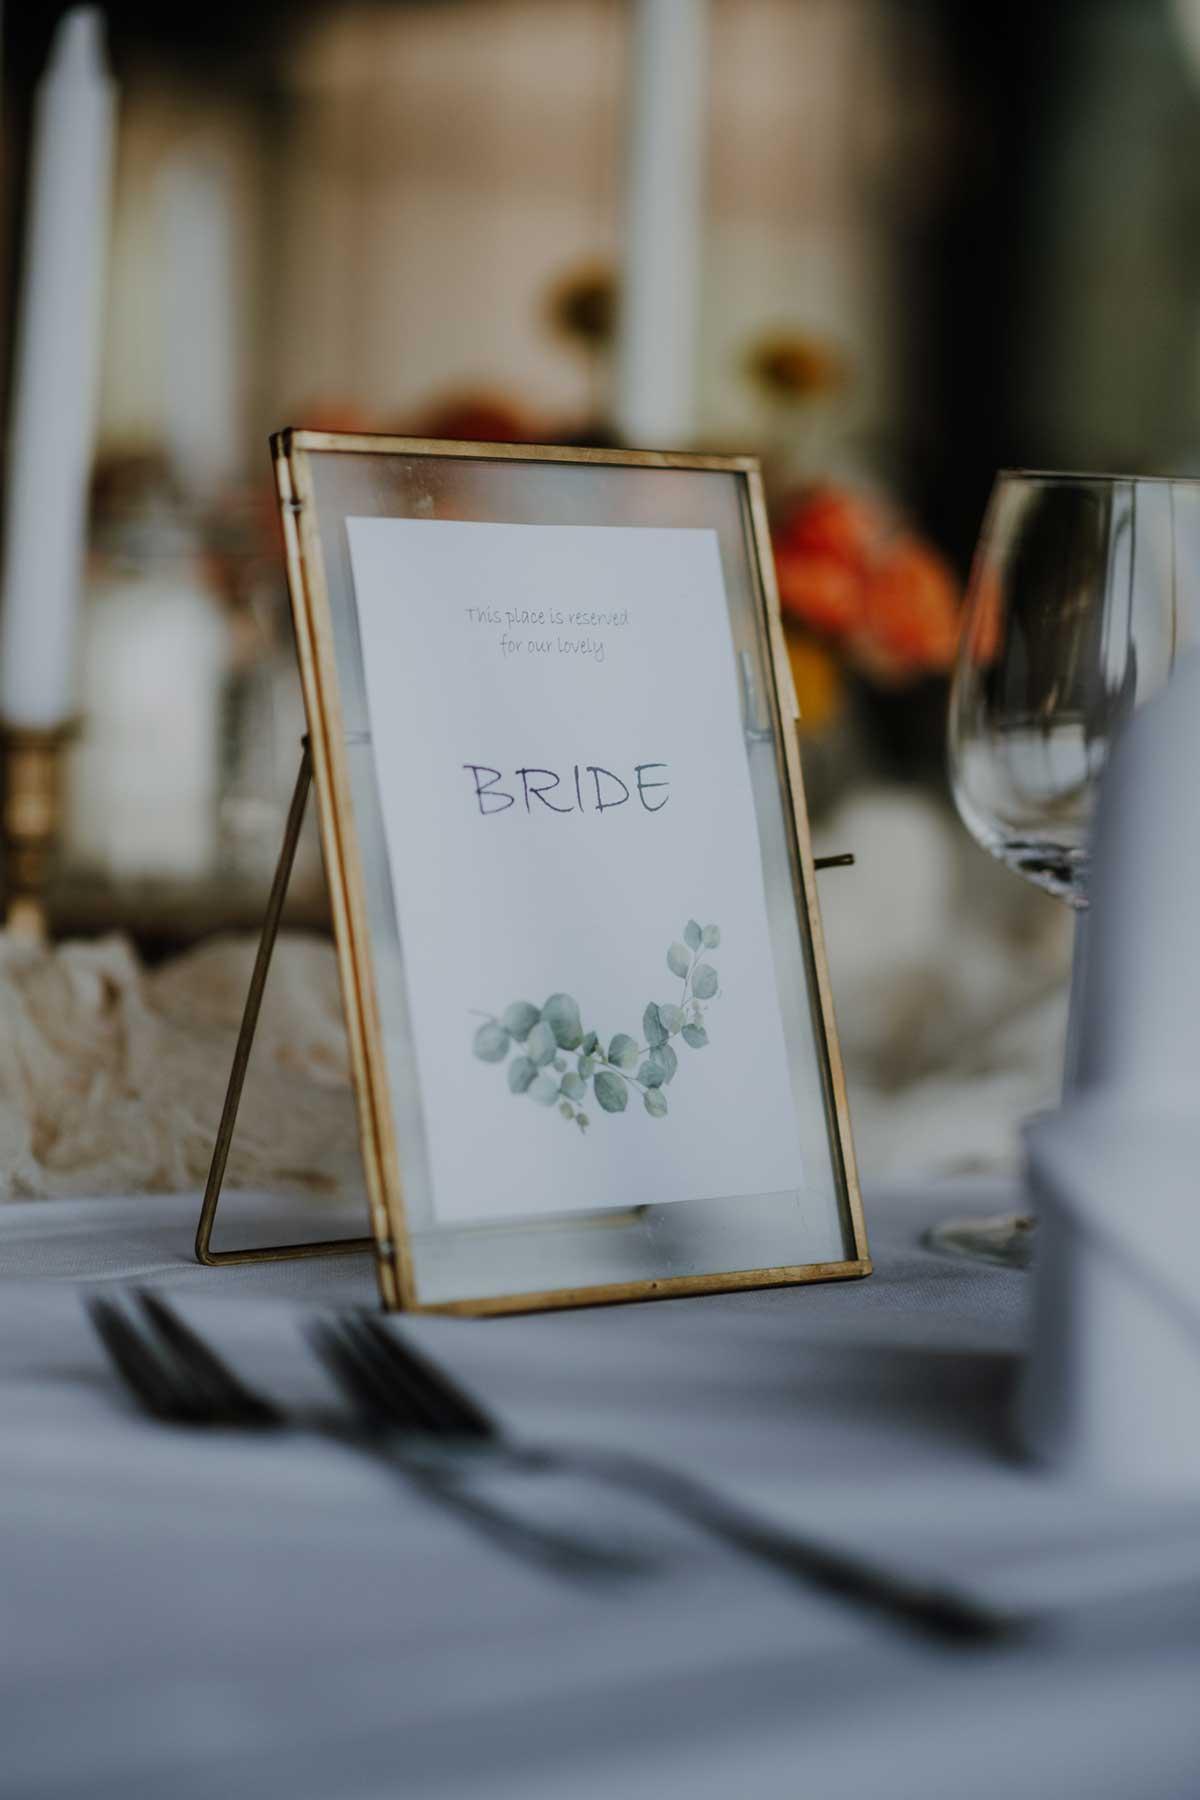 Bride Schild in einem goldenen Rahmen